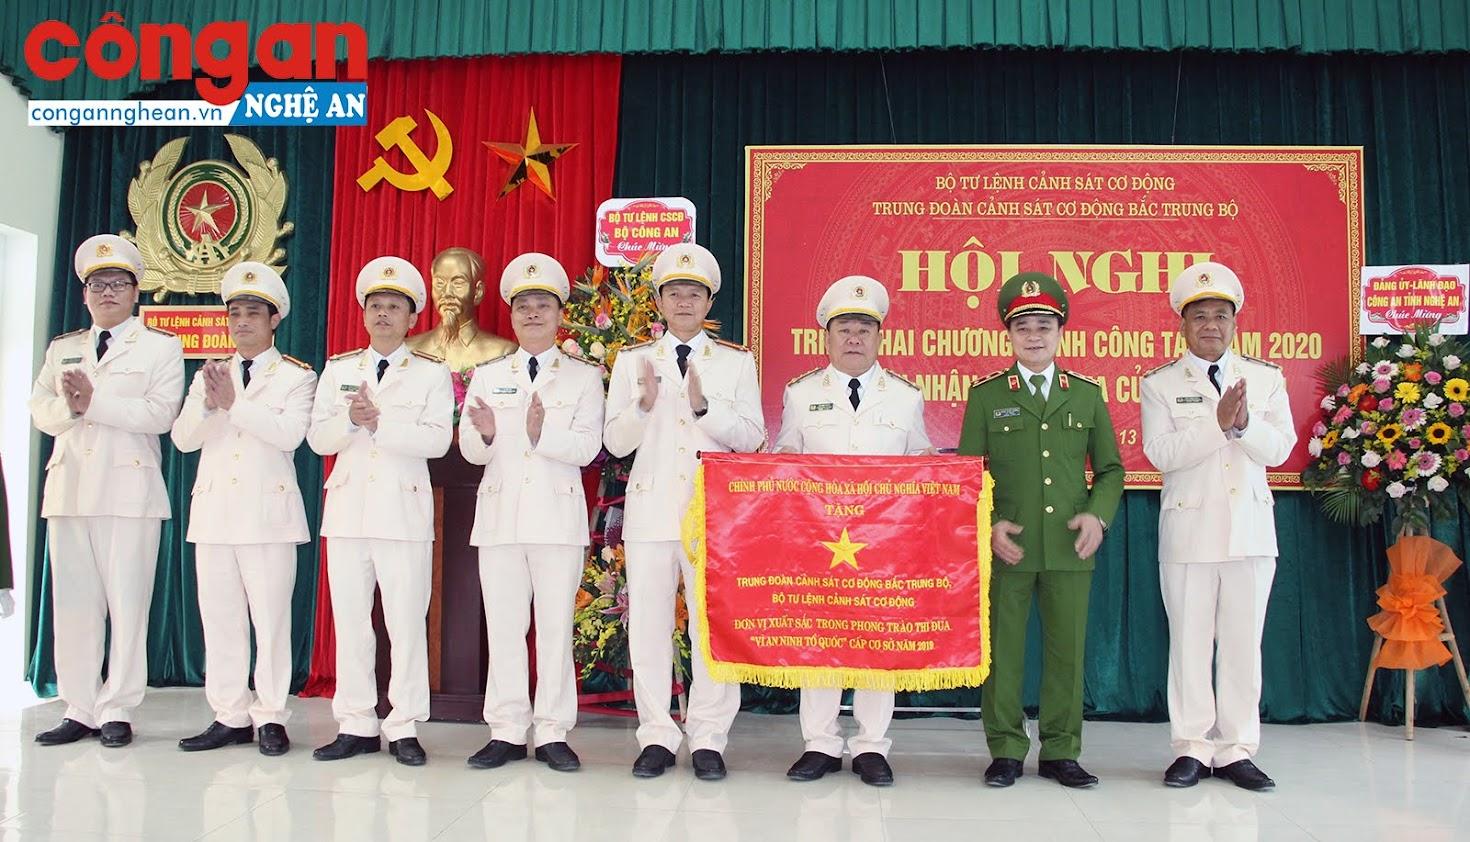 Thừa ủy quyền của Thủ tướng Chính phủ, Trung tướng Phạm Quốc Cương – Tư lệnh CSCĐ trao Cờ thi đua của Chính phủ cho Trung đoàn CSCĐ Bắc Trung Bộ